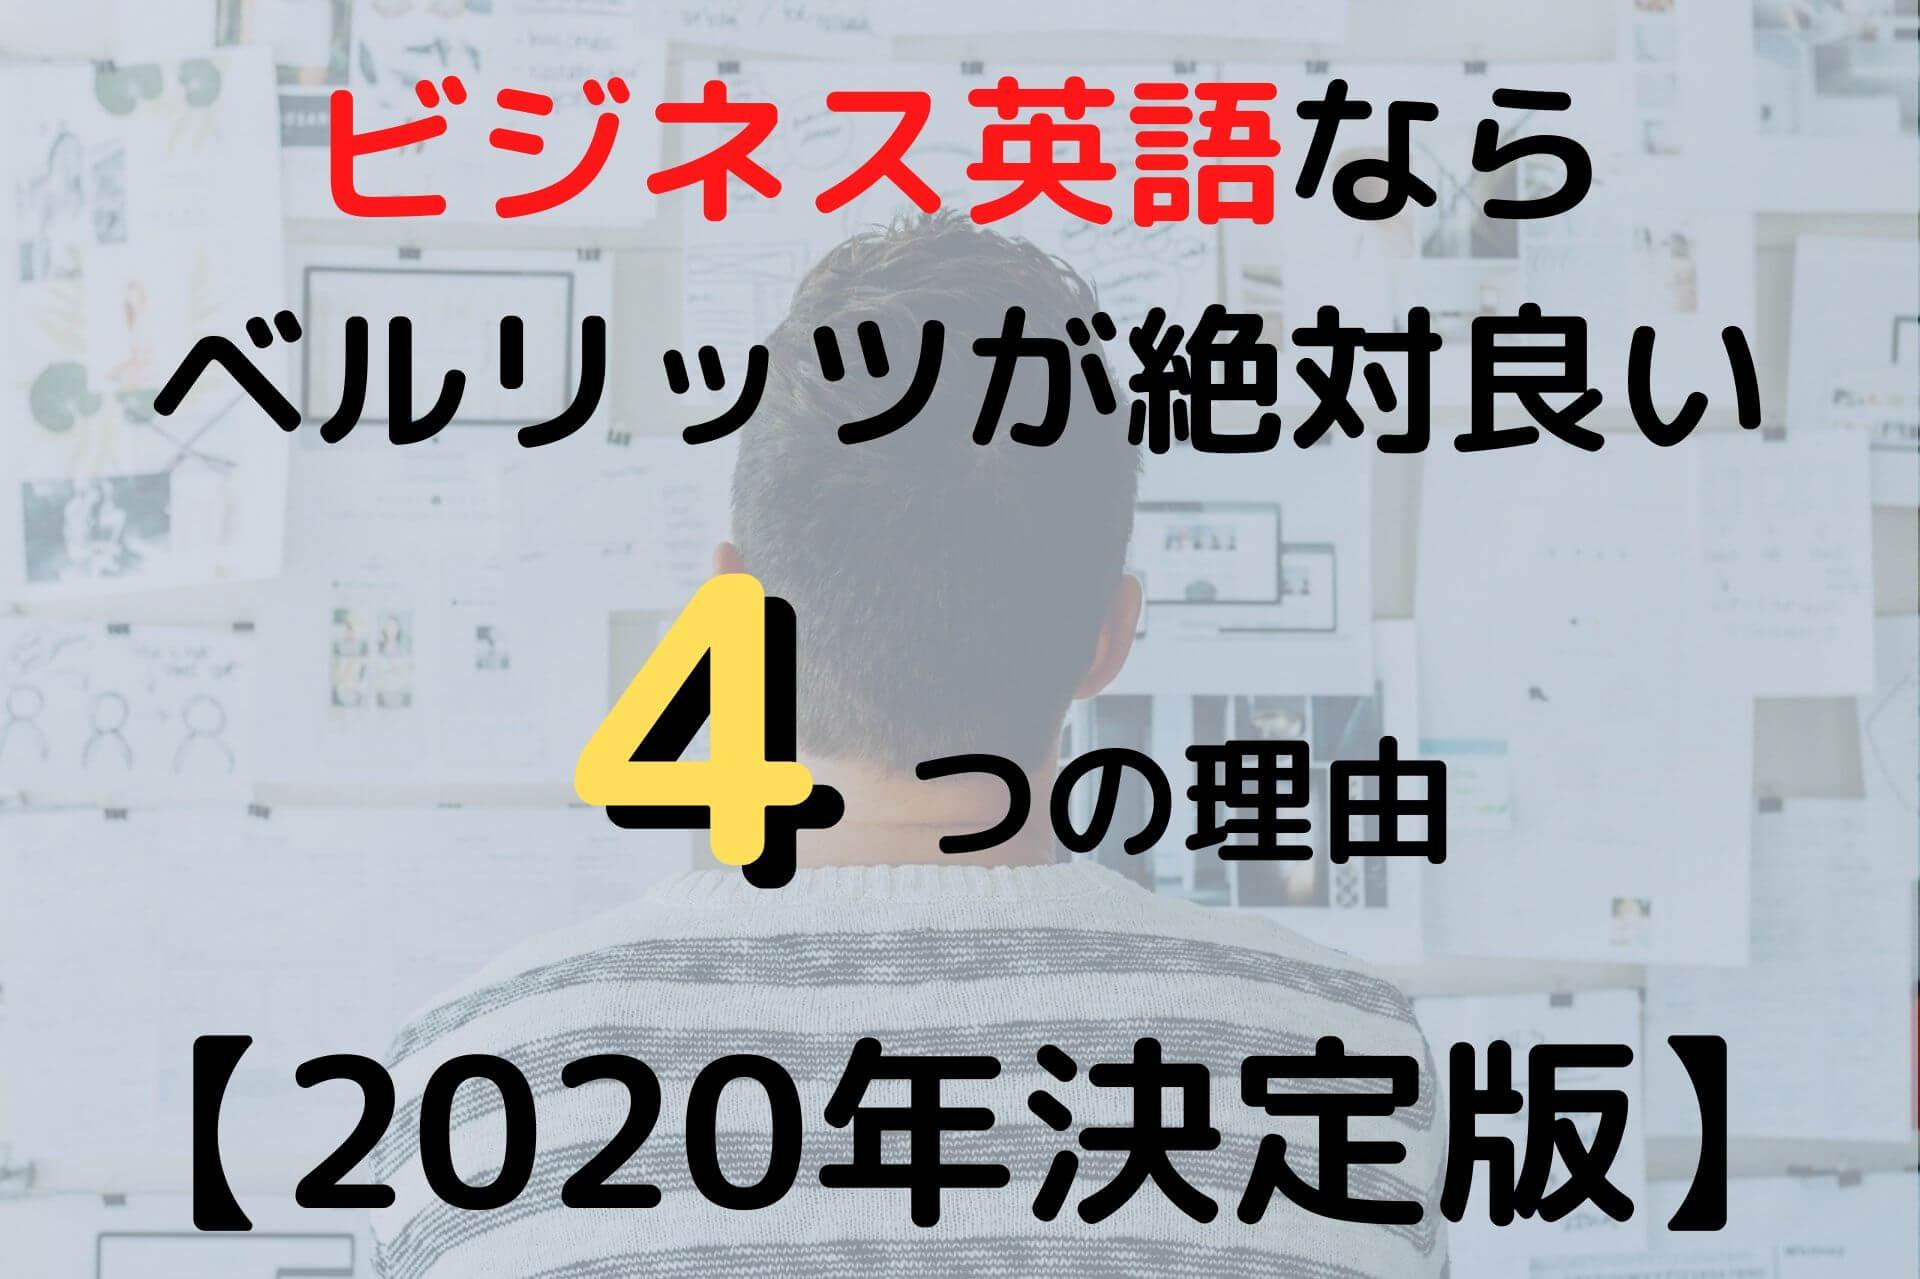 『【2020年決定版】ビジネス英語はベルリッツが絶対良い4つの理由』記事のアイキャッチ画像